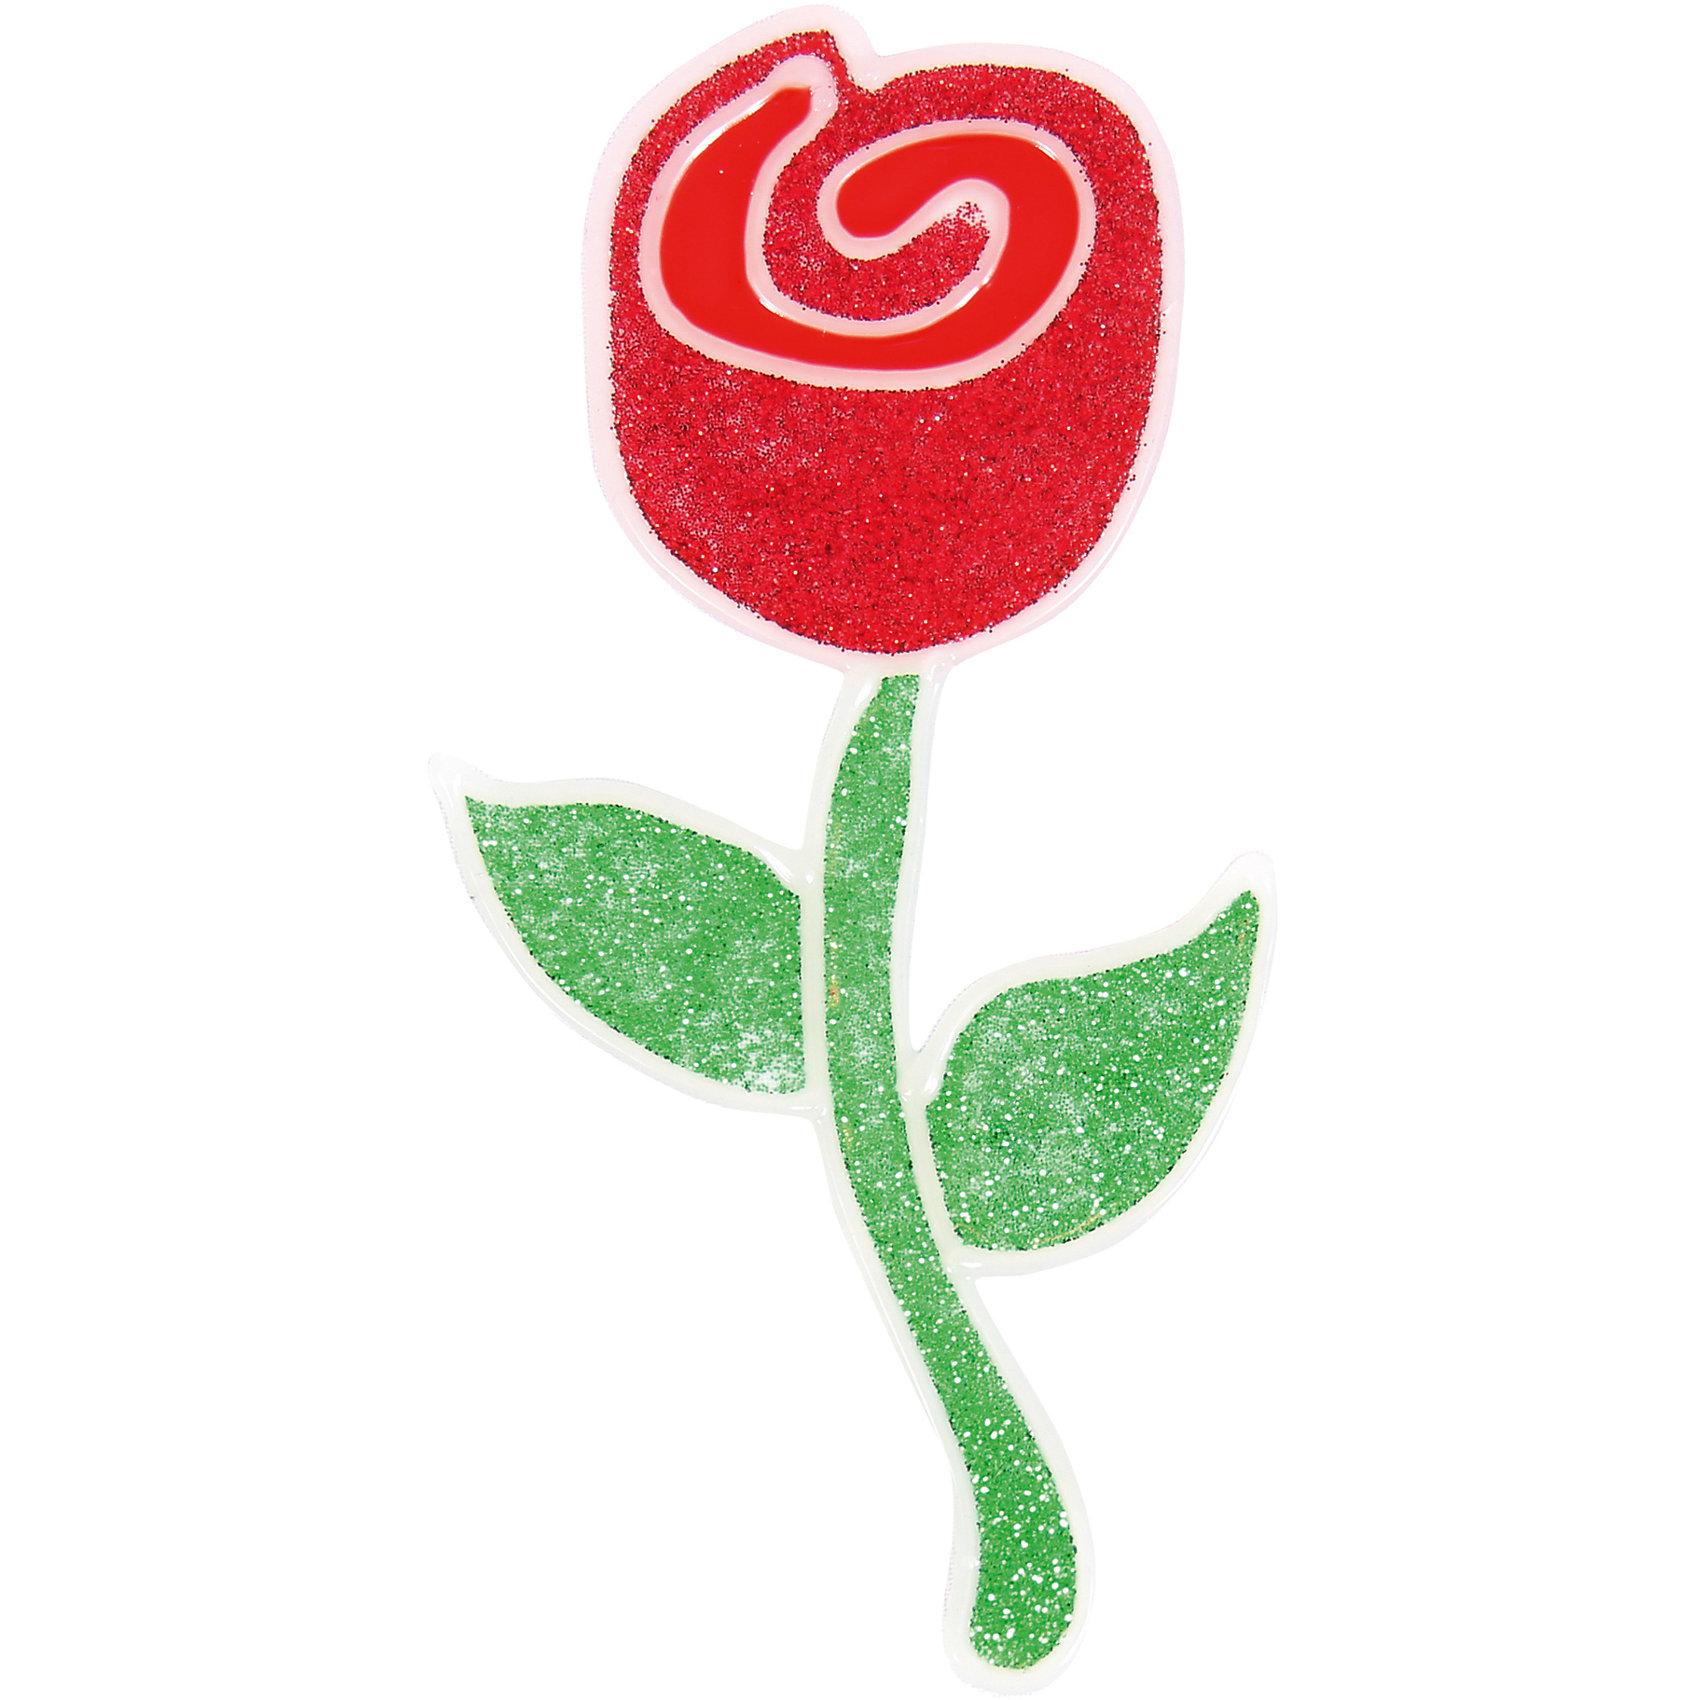 Наклейка на окно РозаНовинки Новый Год<br>Наклейка на окно Роза, Волшебная страна, замечательно украсит Ваш интерьер и создаст праздничное настроение. Наклейка выполнена в виде красивого розового бутона с зеленым стеблем и листьями. <br><br>Дополнительная информация:<br><br>- Размер наклейки: 15,5 см.<br>- Вес: 18 гр. <br><br>Наклейку на окно Роза, Волшебная страна, можно купить в нашем интернет-магазине.<br><br>Ширина мм: 160<br>Глубина мм: 1<br>Высота мм: 230<br>Вес г: 18<br>Возраст от месяцев: 36<br>Возраст до месяцев: 2147483647<br>Пол: Унисекс<br>Возраст: Детский<br>SKU: 4288624